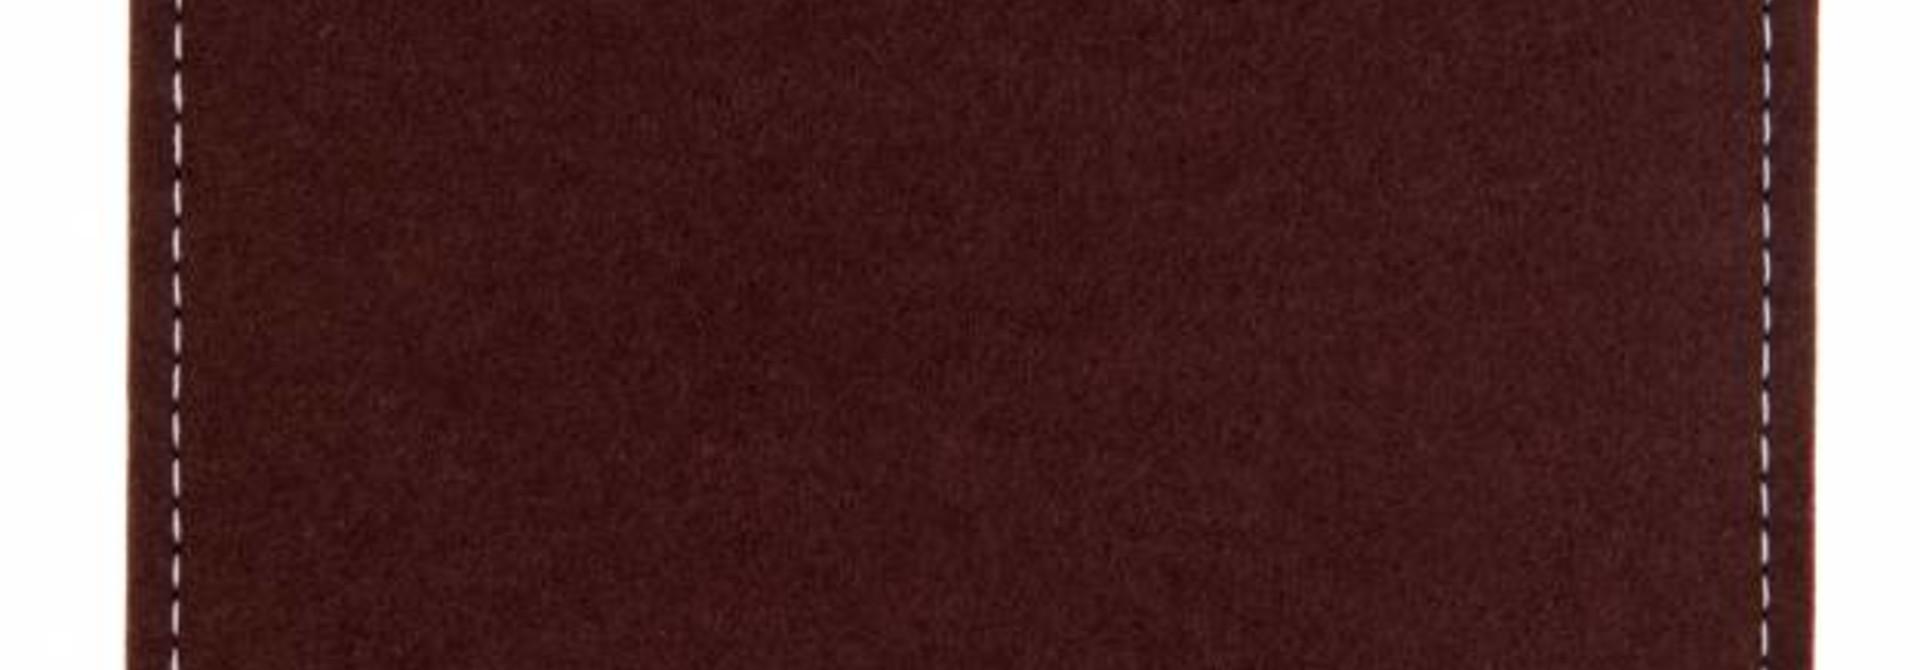 Xperia Tablet Sleeve Dark-Brown